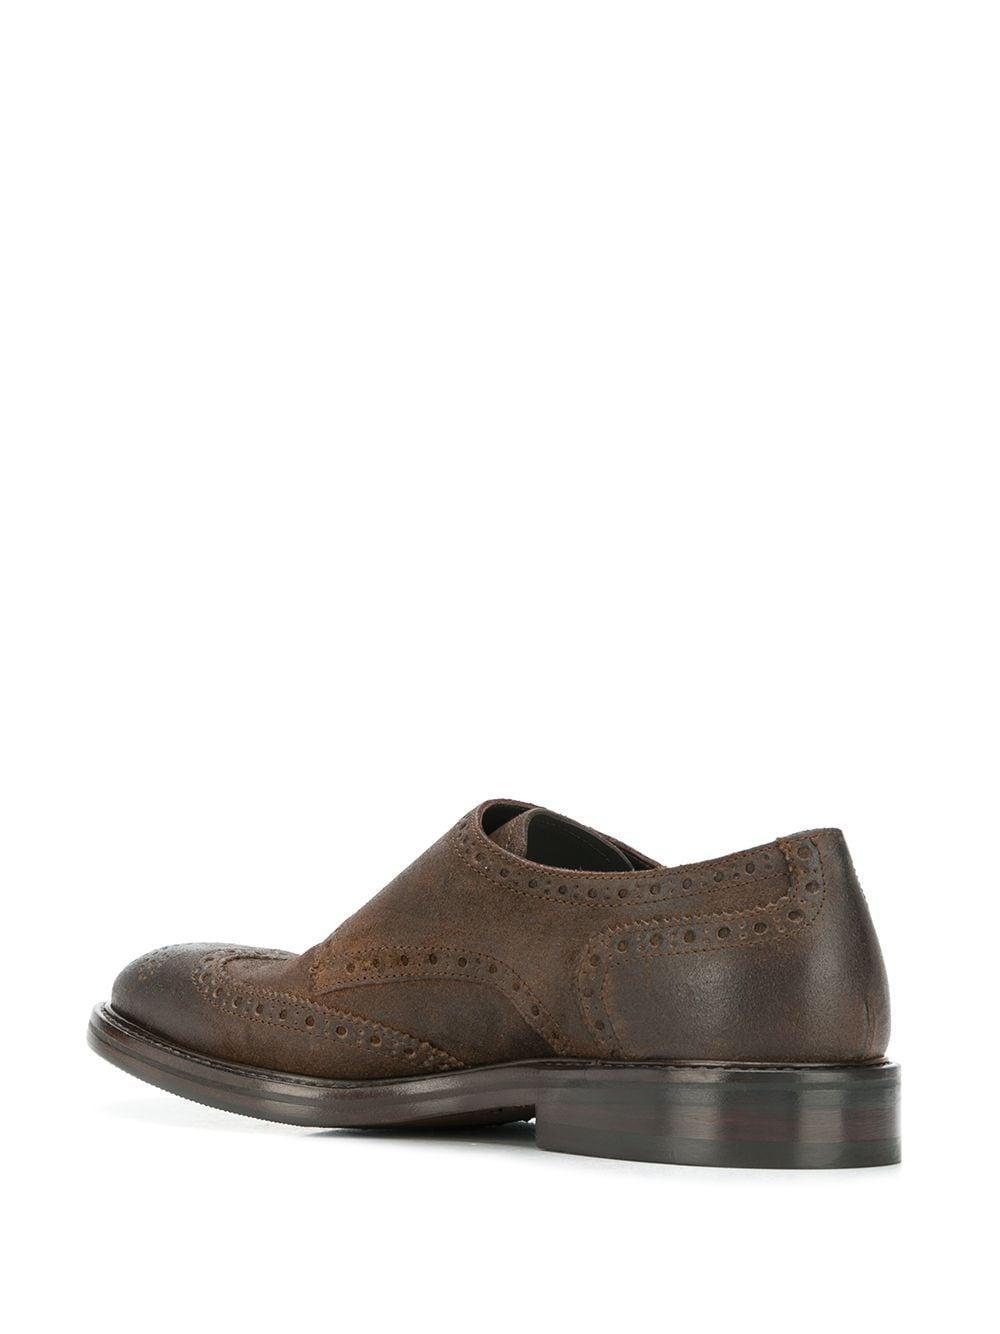 Zapatos monk con detalles de vestir Henderson de Cuero de color Marrón para hombre